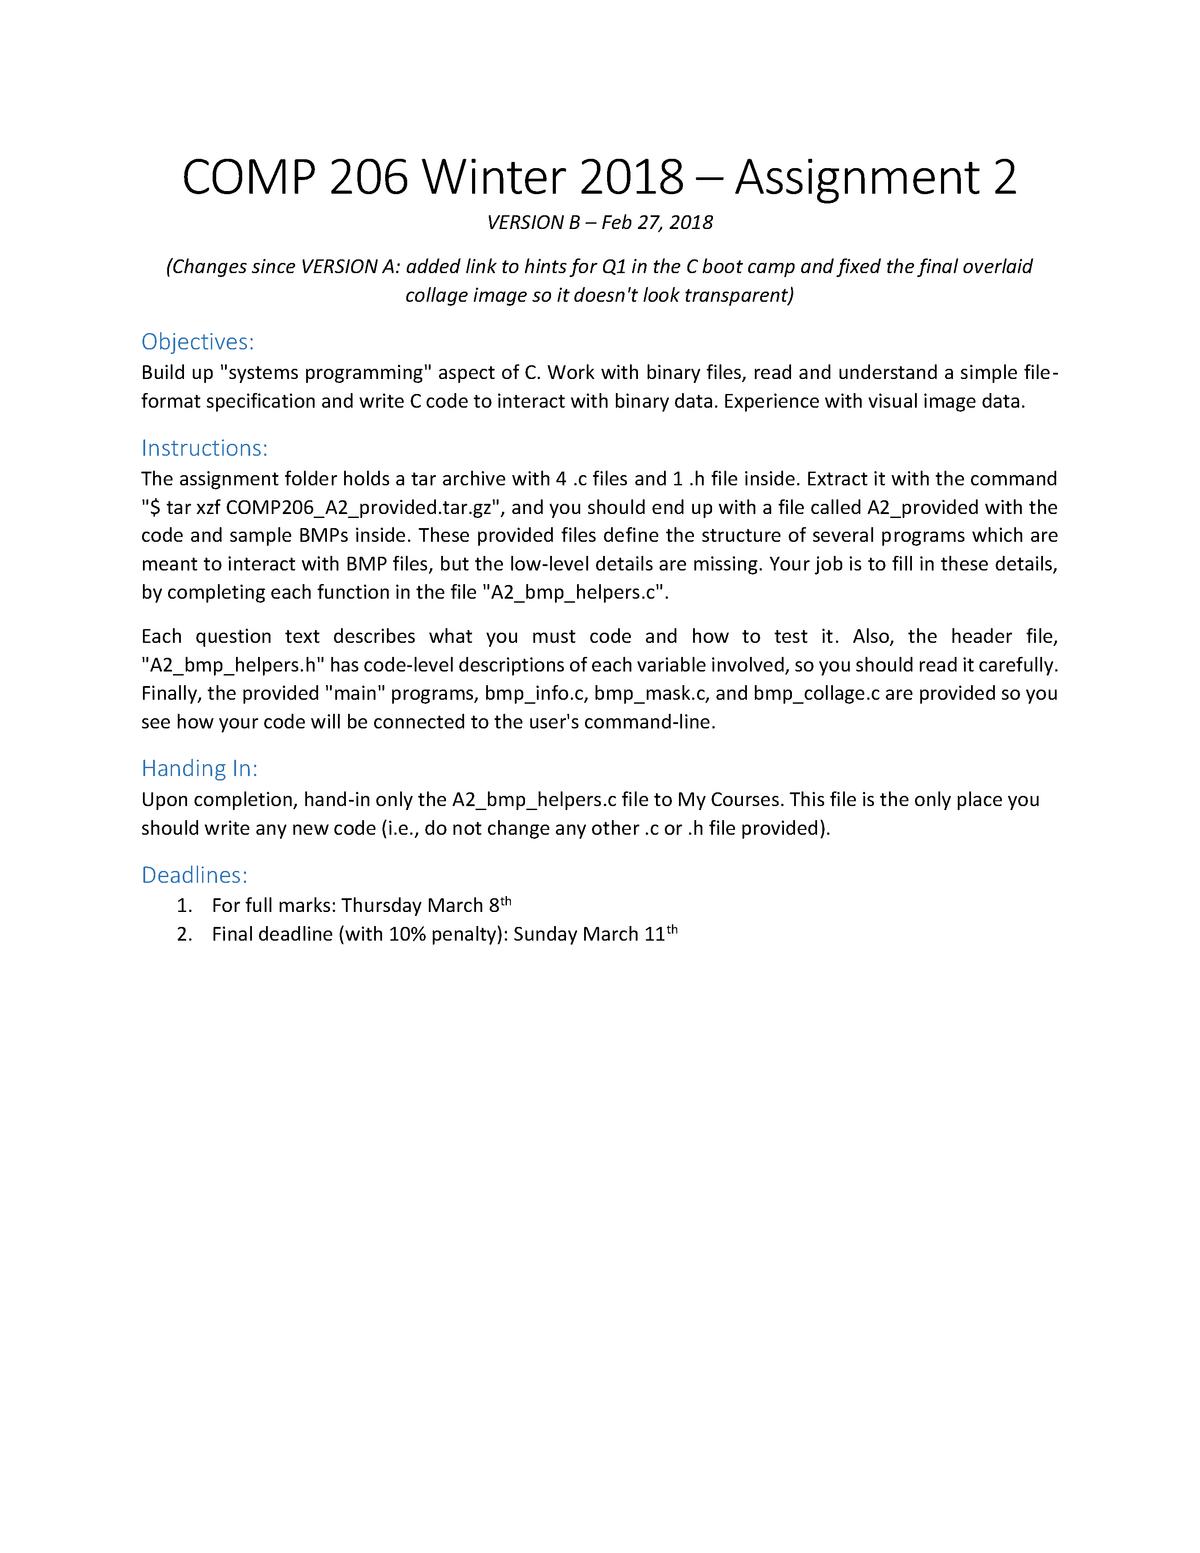 COMP206 Winter 2018 Assignment 2 - Comp 202 - McGill - StuDocu